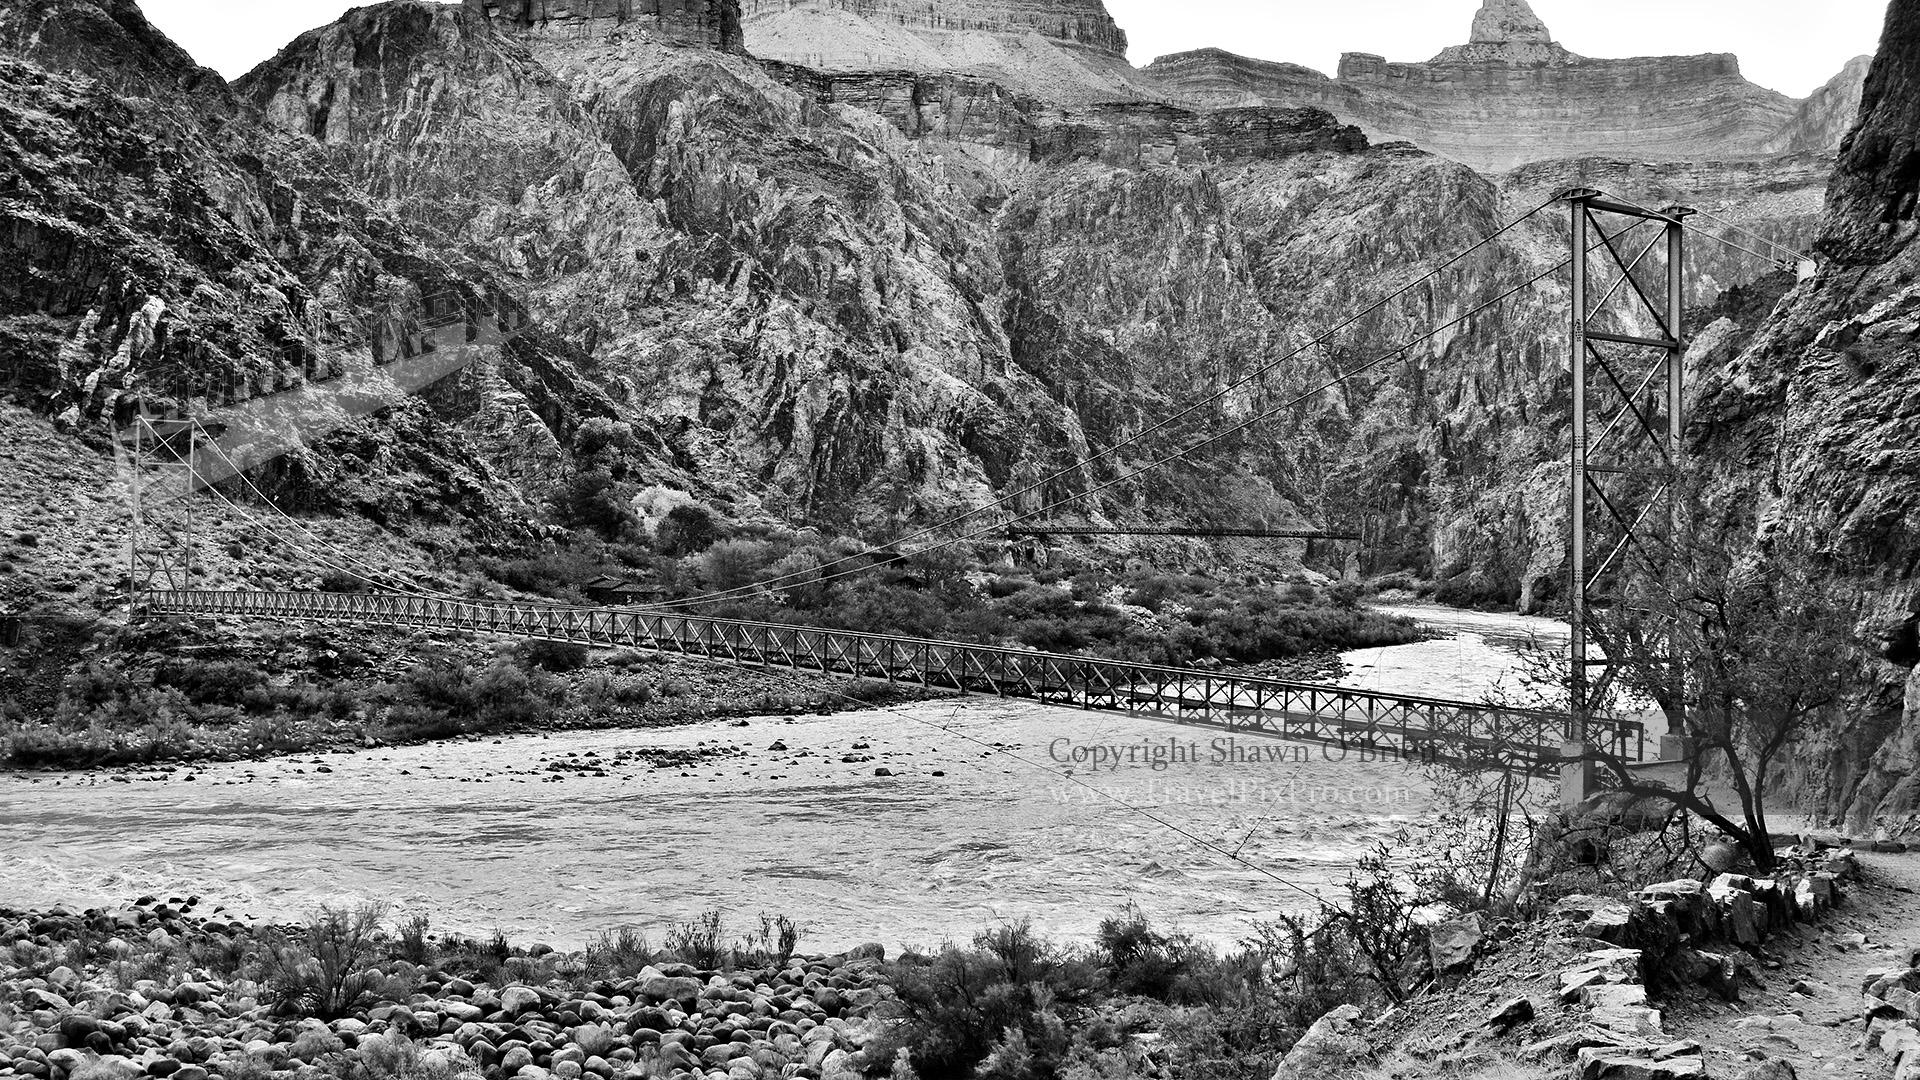 Grand Canyon Silver & Black Bridges